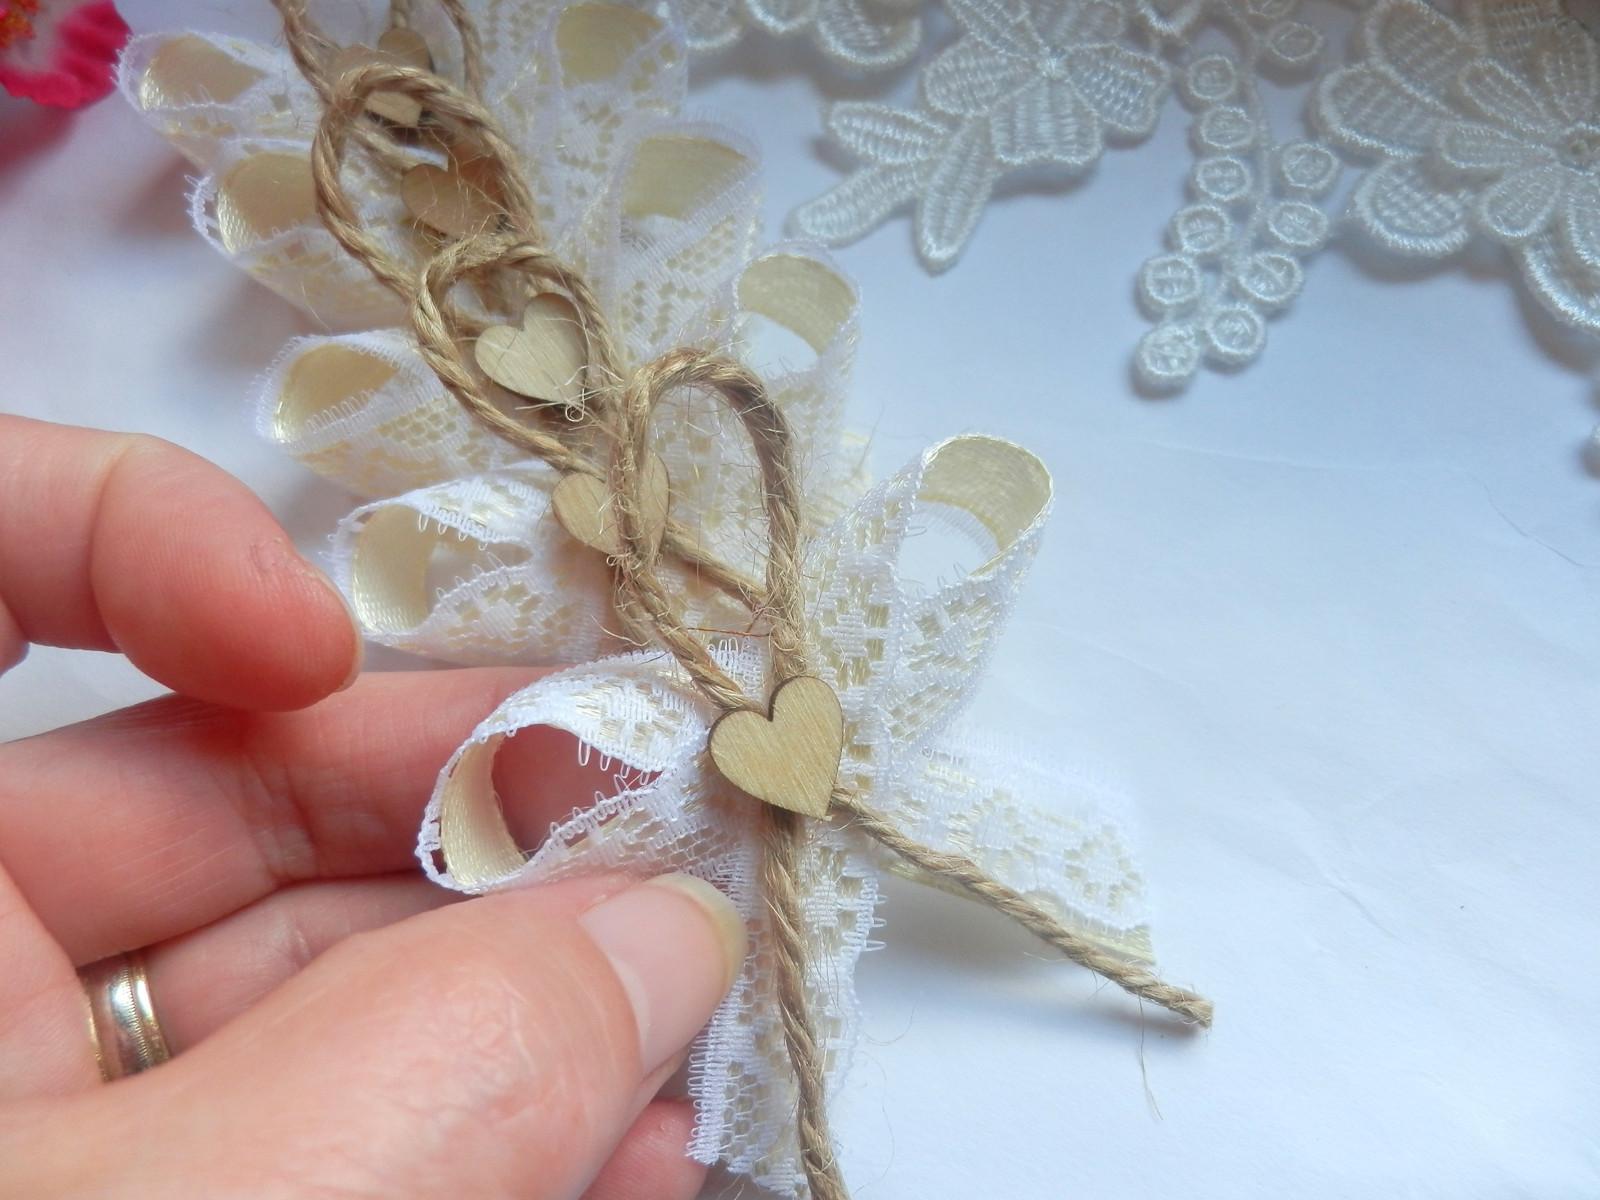 Svatební vývazky, podvazky, polštářky pod prstýnky, náramky.. - Obrázek č. 74